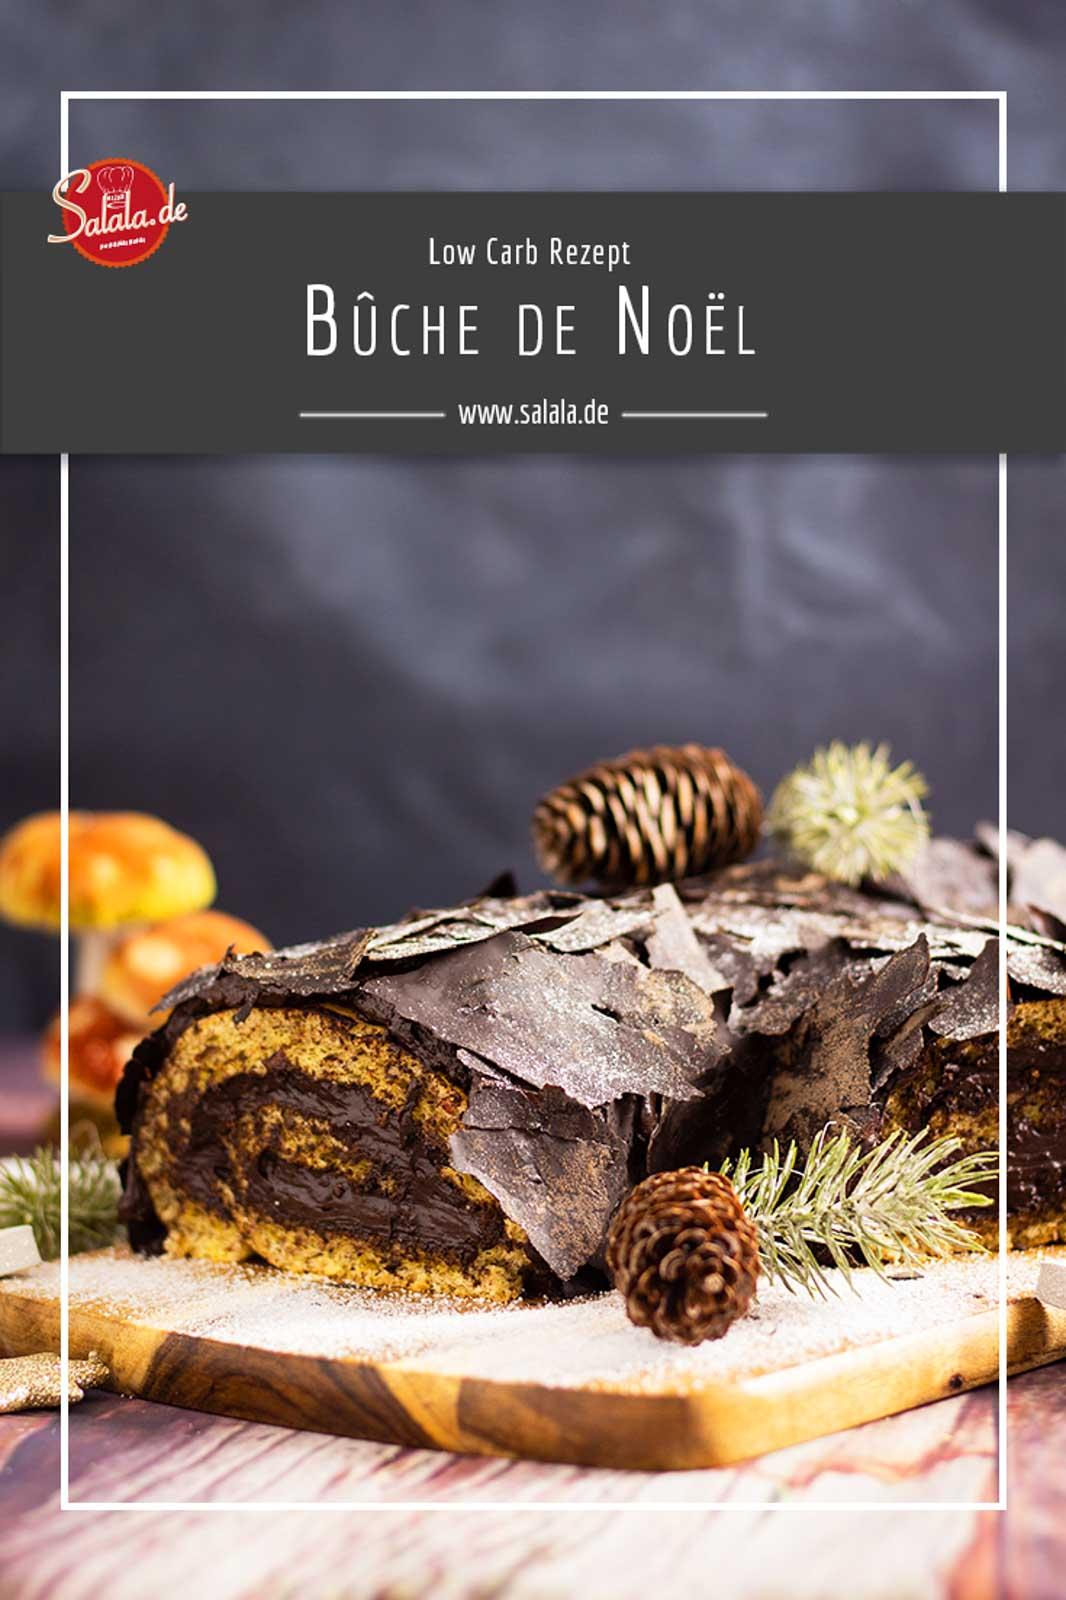 Bûche de Noël Rezept ohne Mehl und Zucker - by salala.de - Weihnachtskuchen Low Carb als Dessert als Modetorte